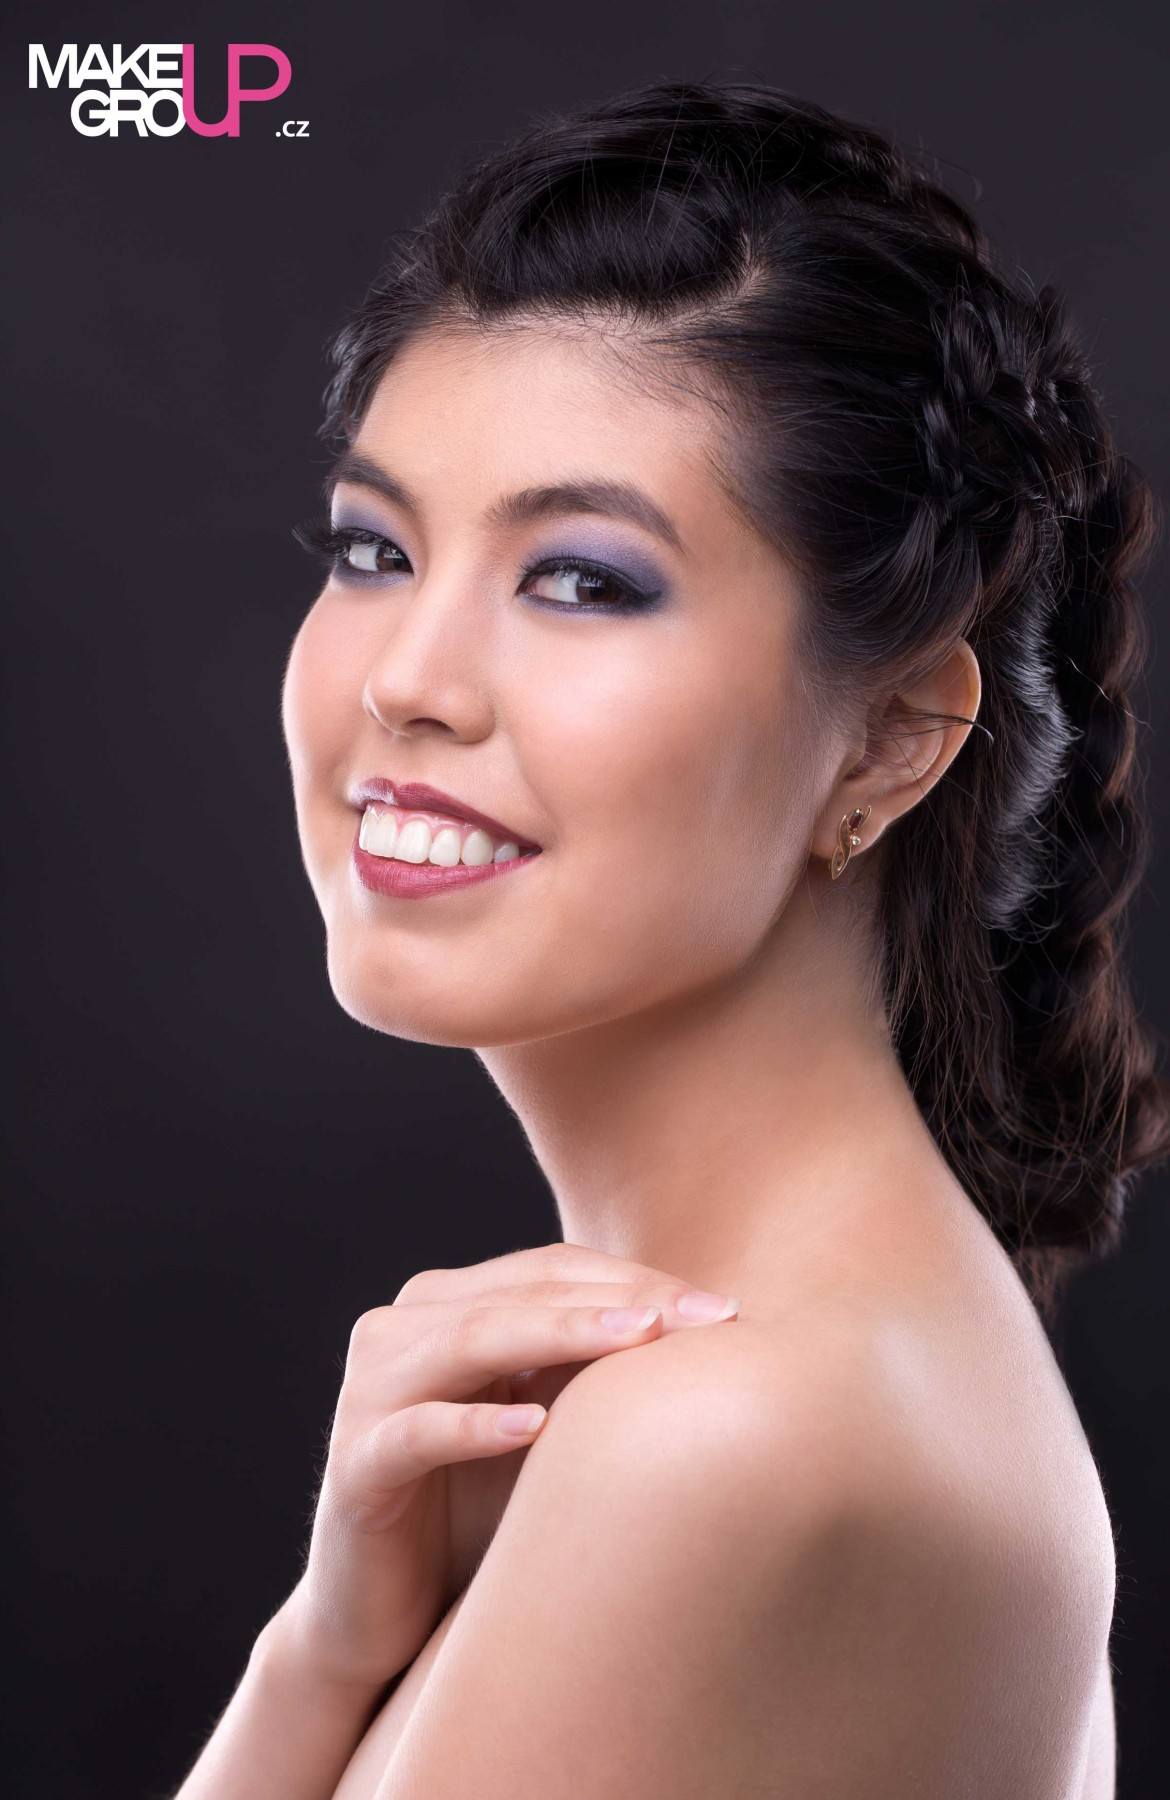 vecerni-make-up